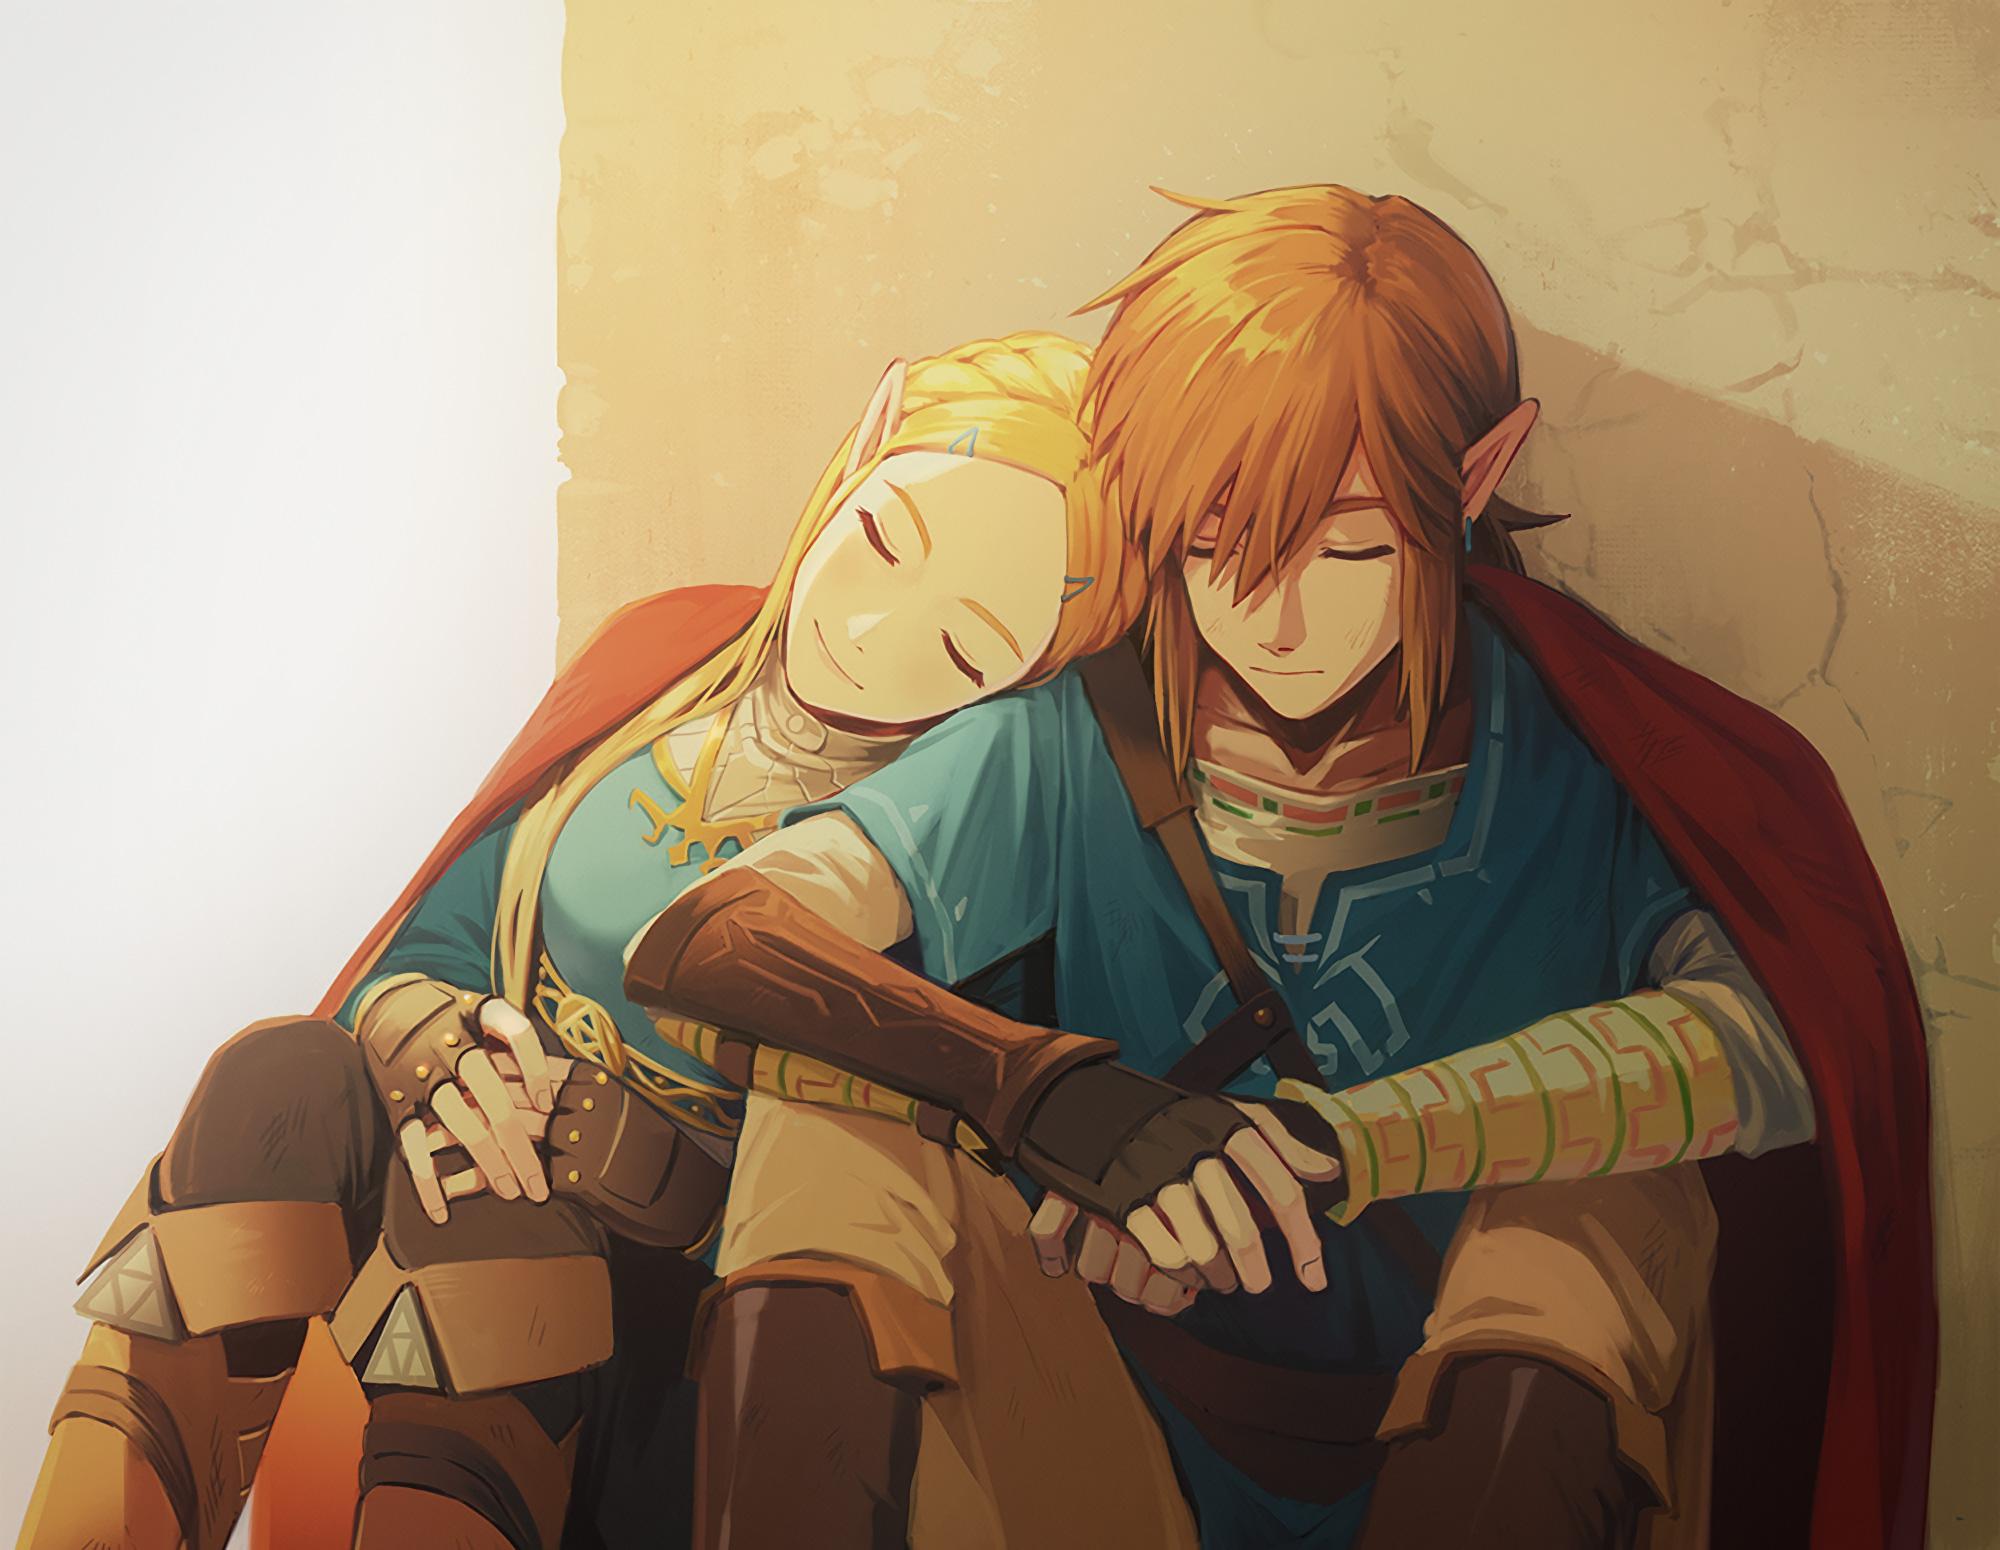 Link And Zelda In The Legend Of Zelda Breath Of The Wild